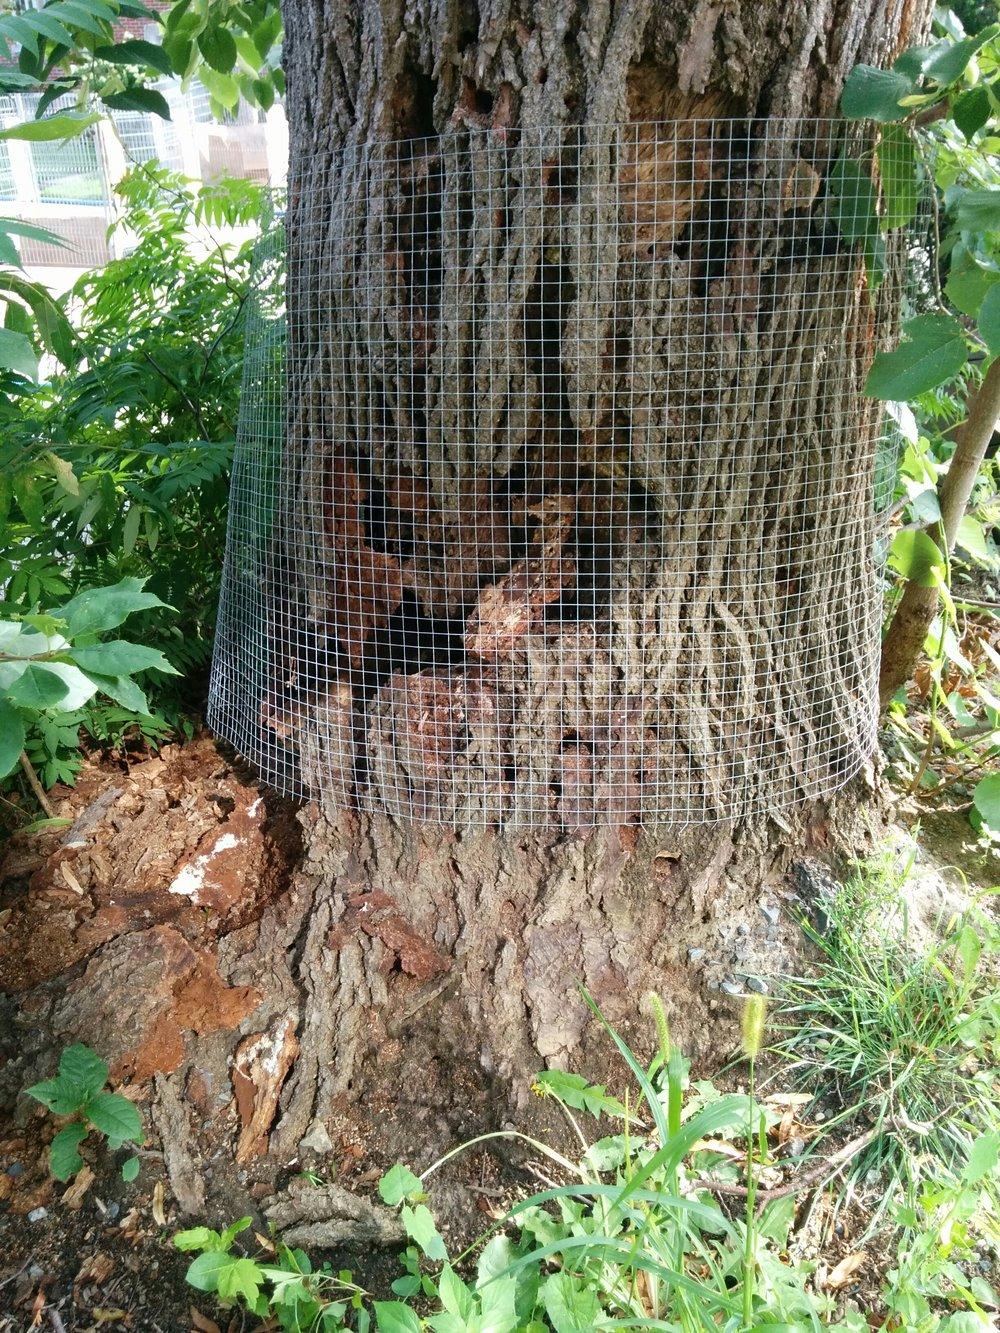 Tilleul dangereux : la base de l'arbre était lourdement endommagé et pourri à l'intérieur